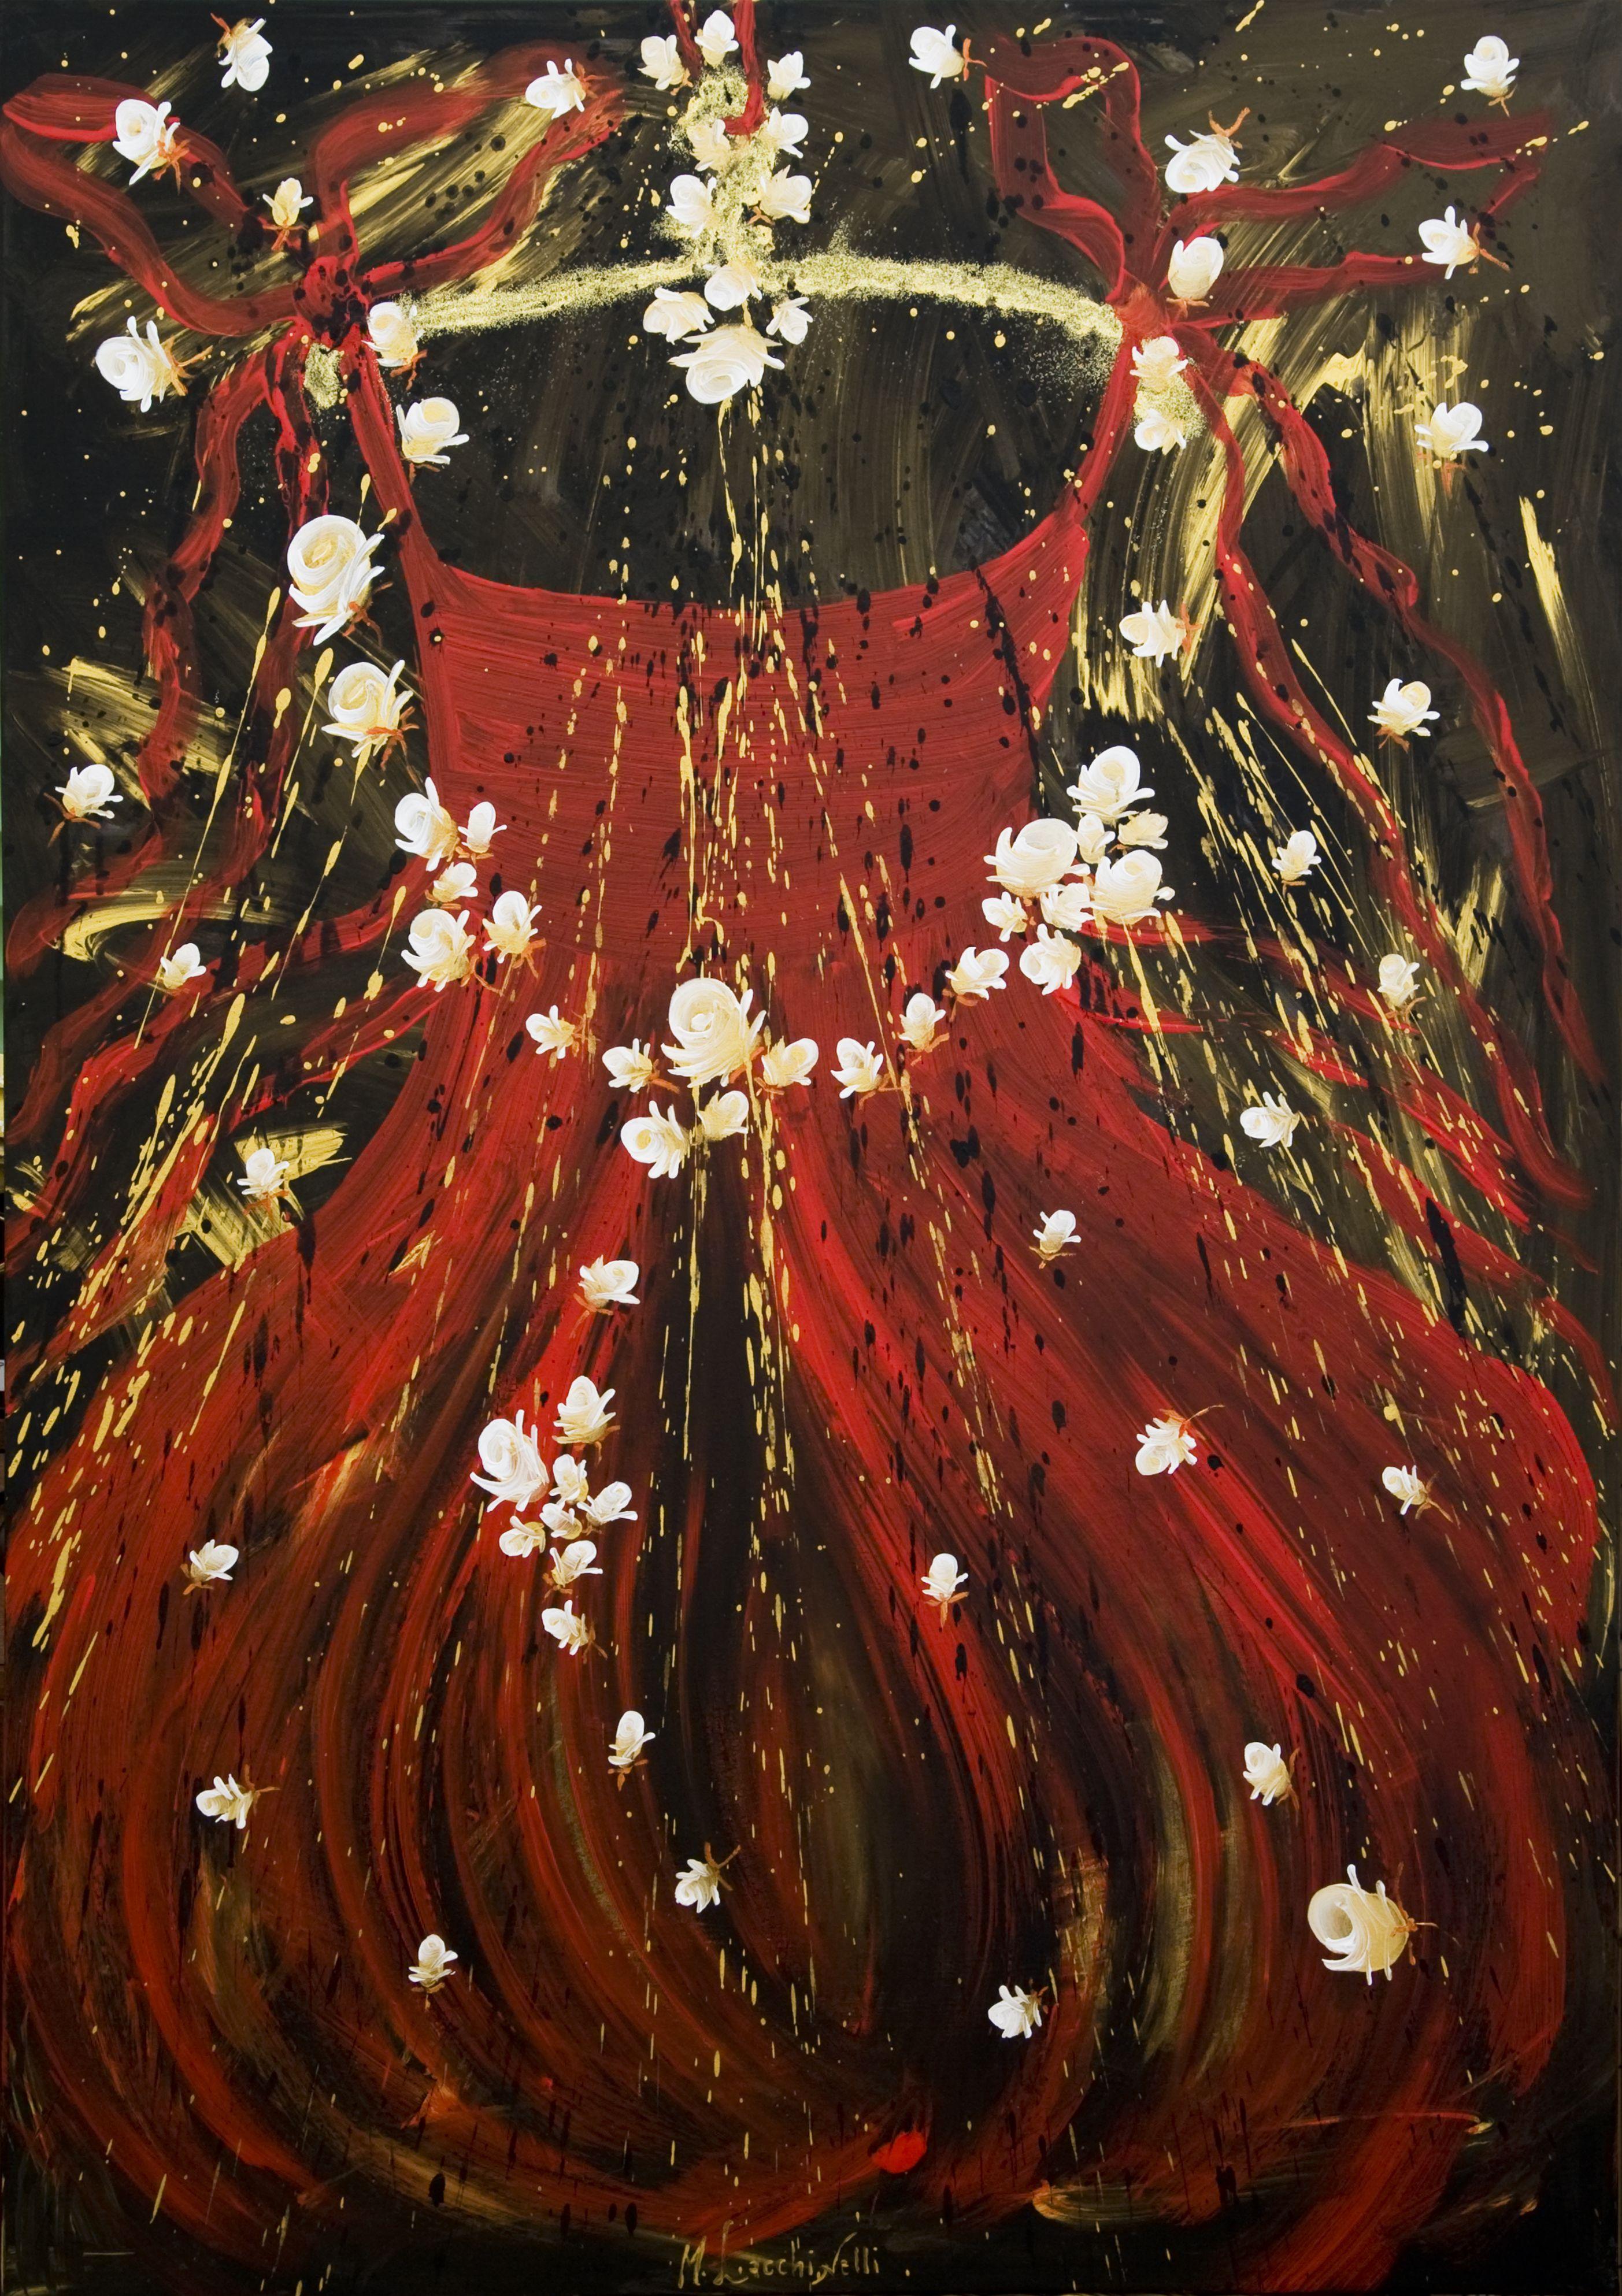 Tutù sensuelle... di Marilena Lacchinelli Paintings § Milano - Italy